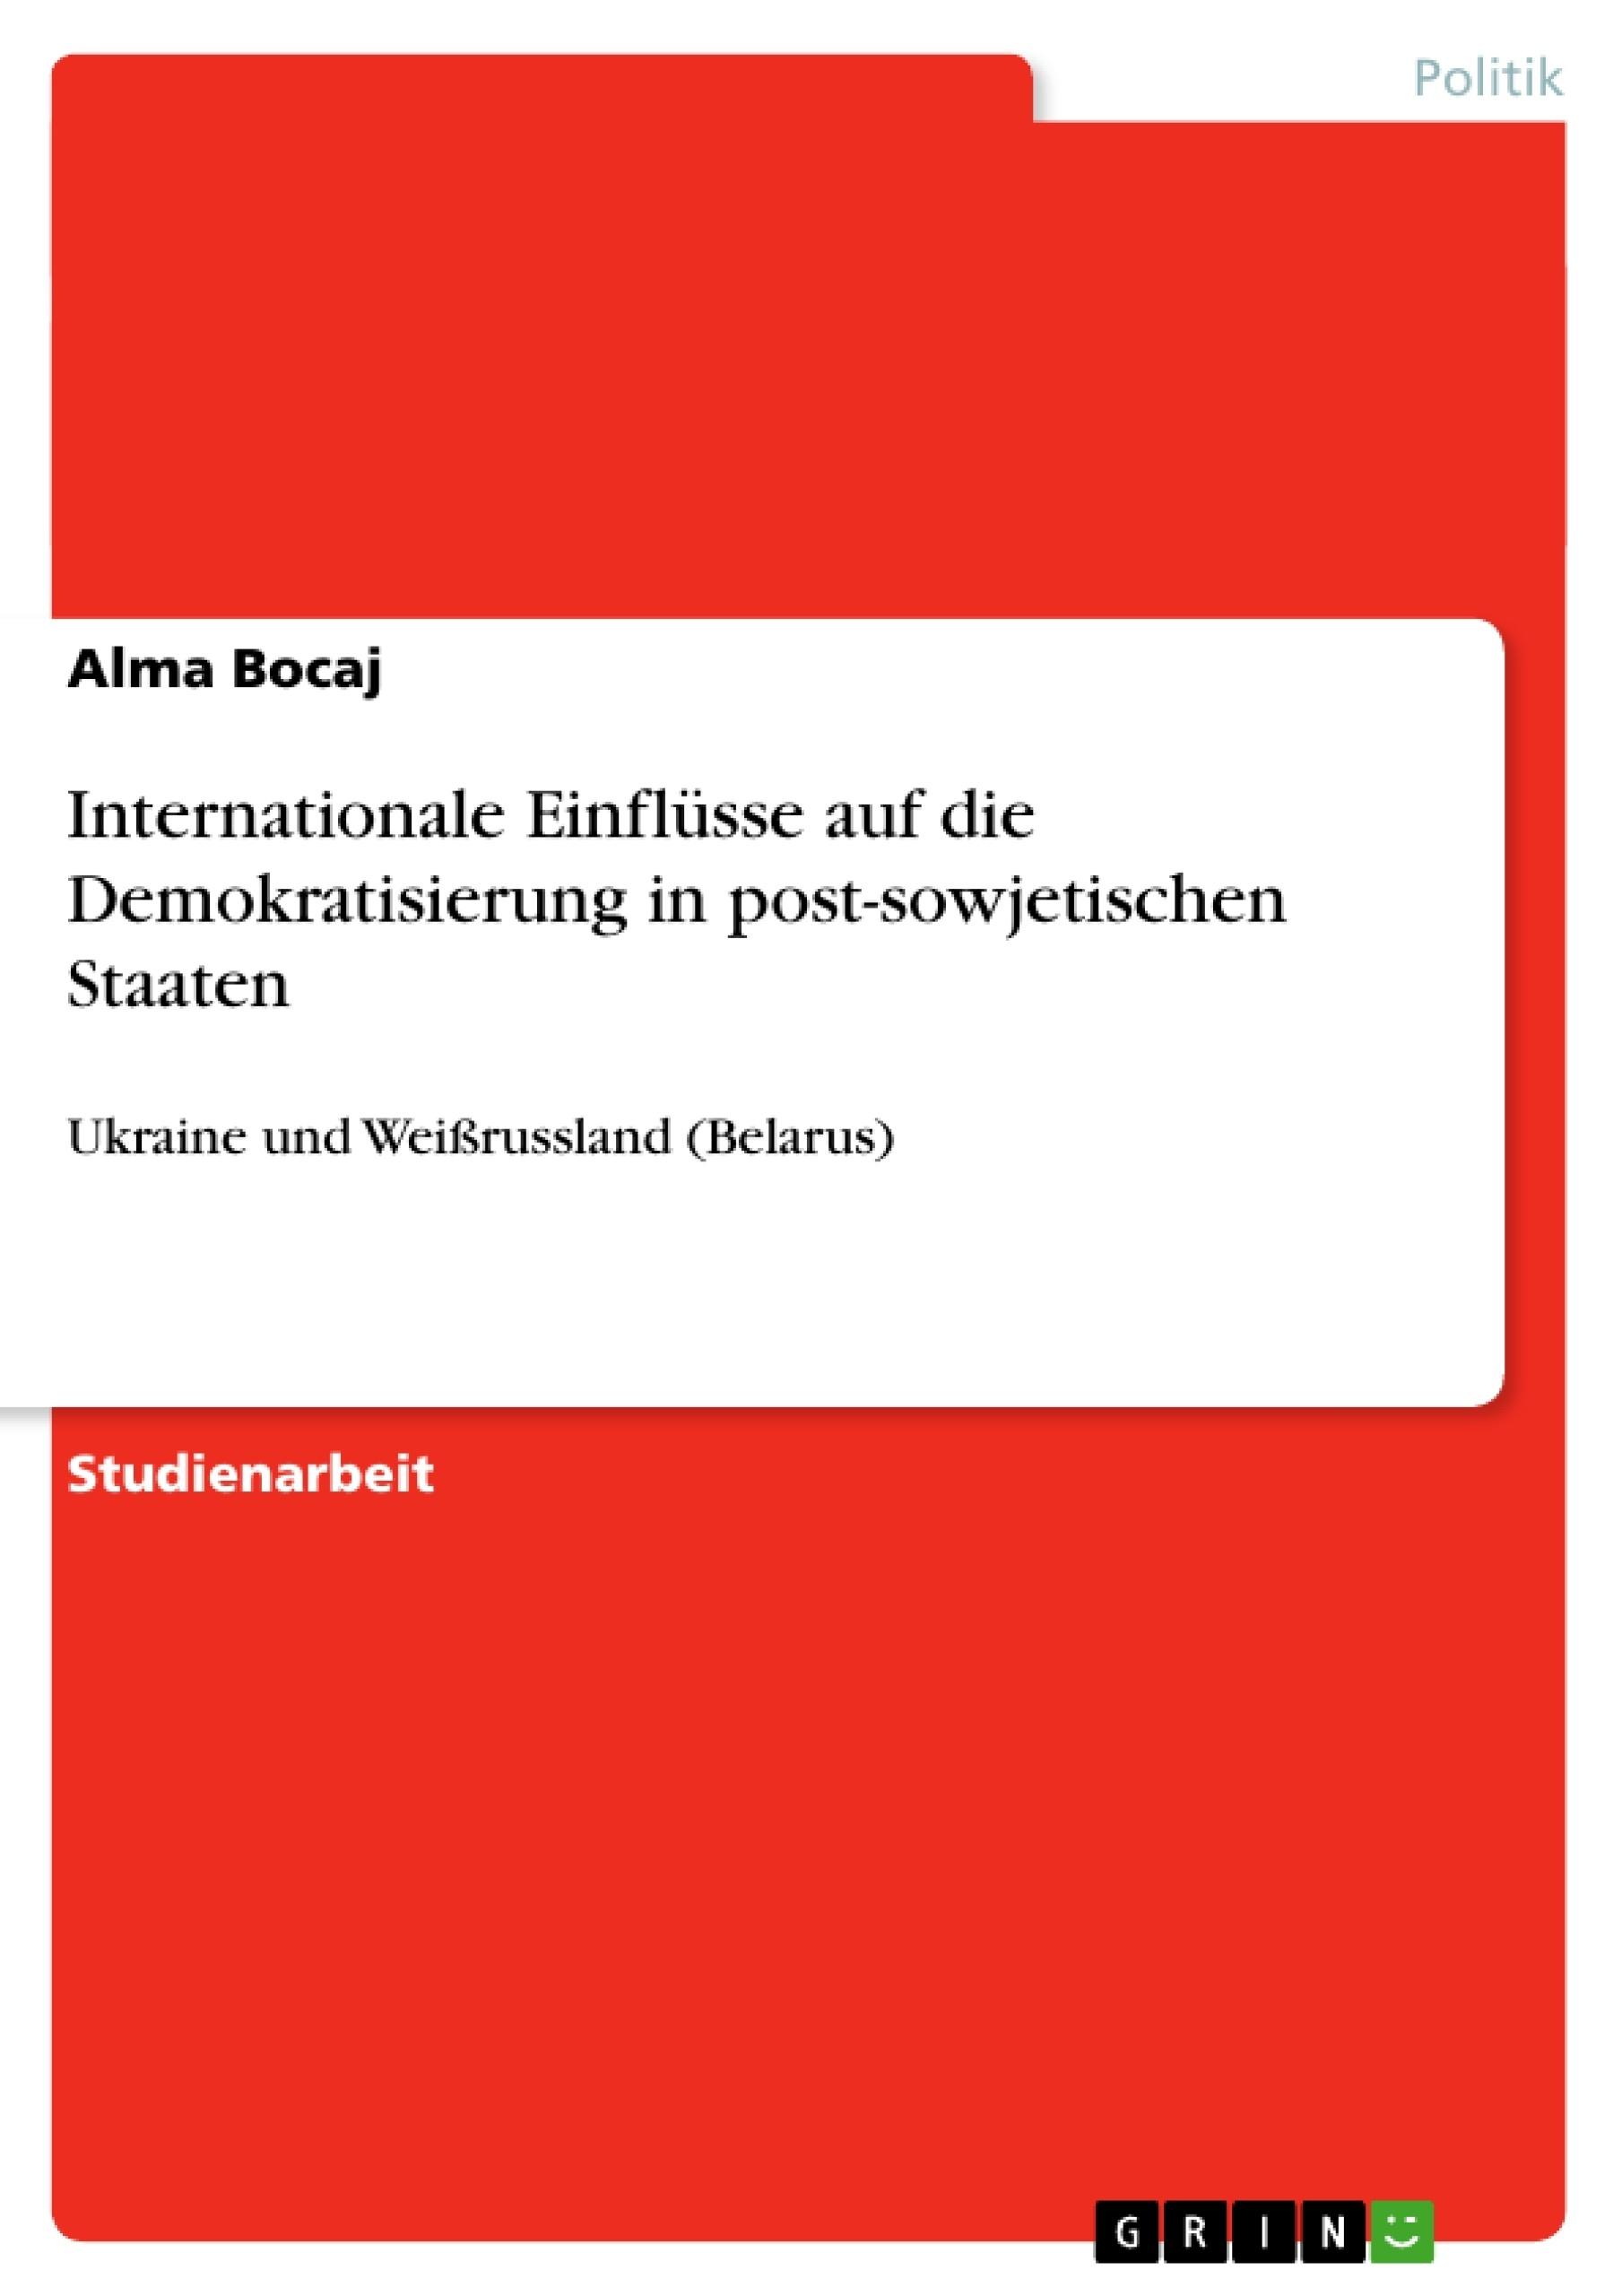 Titel: Internationale Einflüsse auf die Demokratisierung in post-sowjetischen Staaten